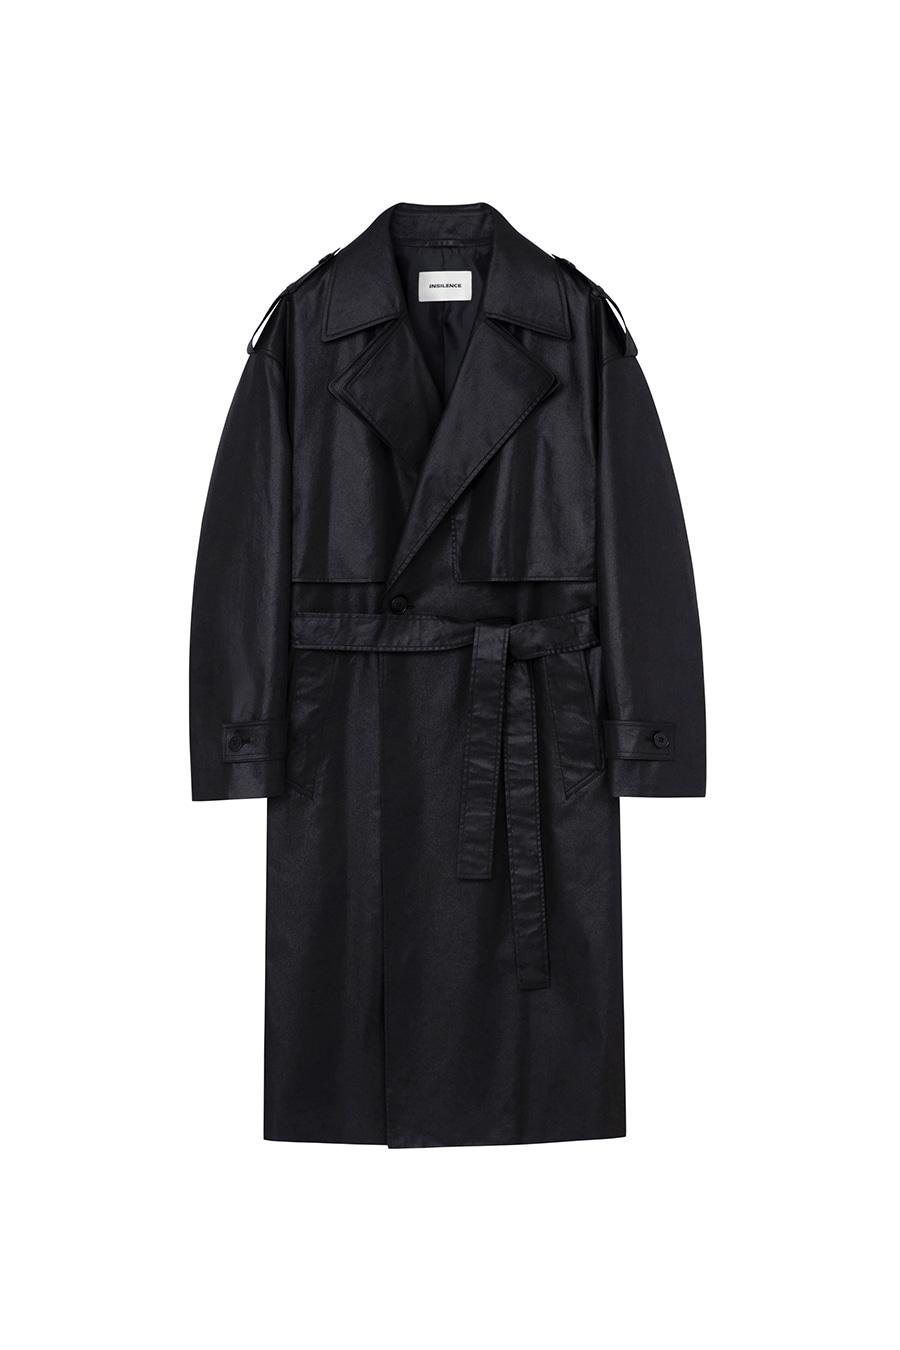 (예약발송) 친츠 코튼 트렌치 코트 BLACK